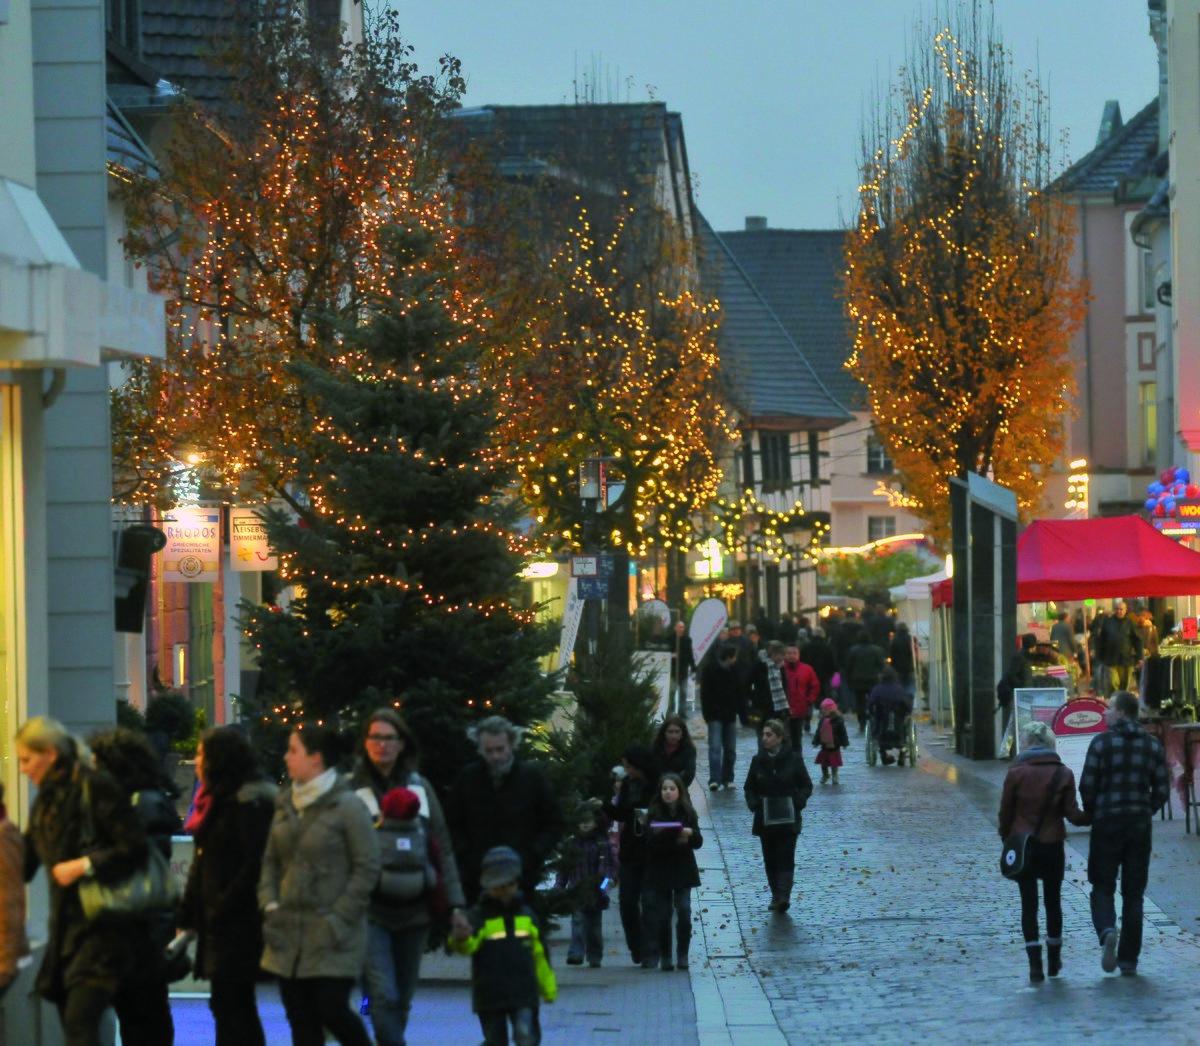 Winter Und Weihnachtsgedichte.Lhre Weihnachtsgedichte Und Geschichten Im Stadtspiegel Unna